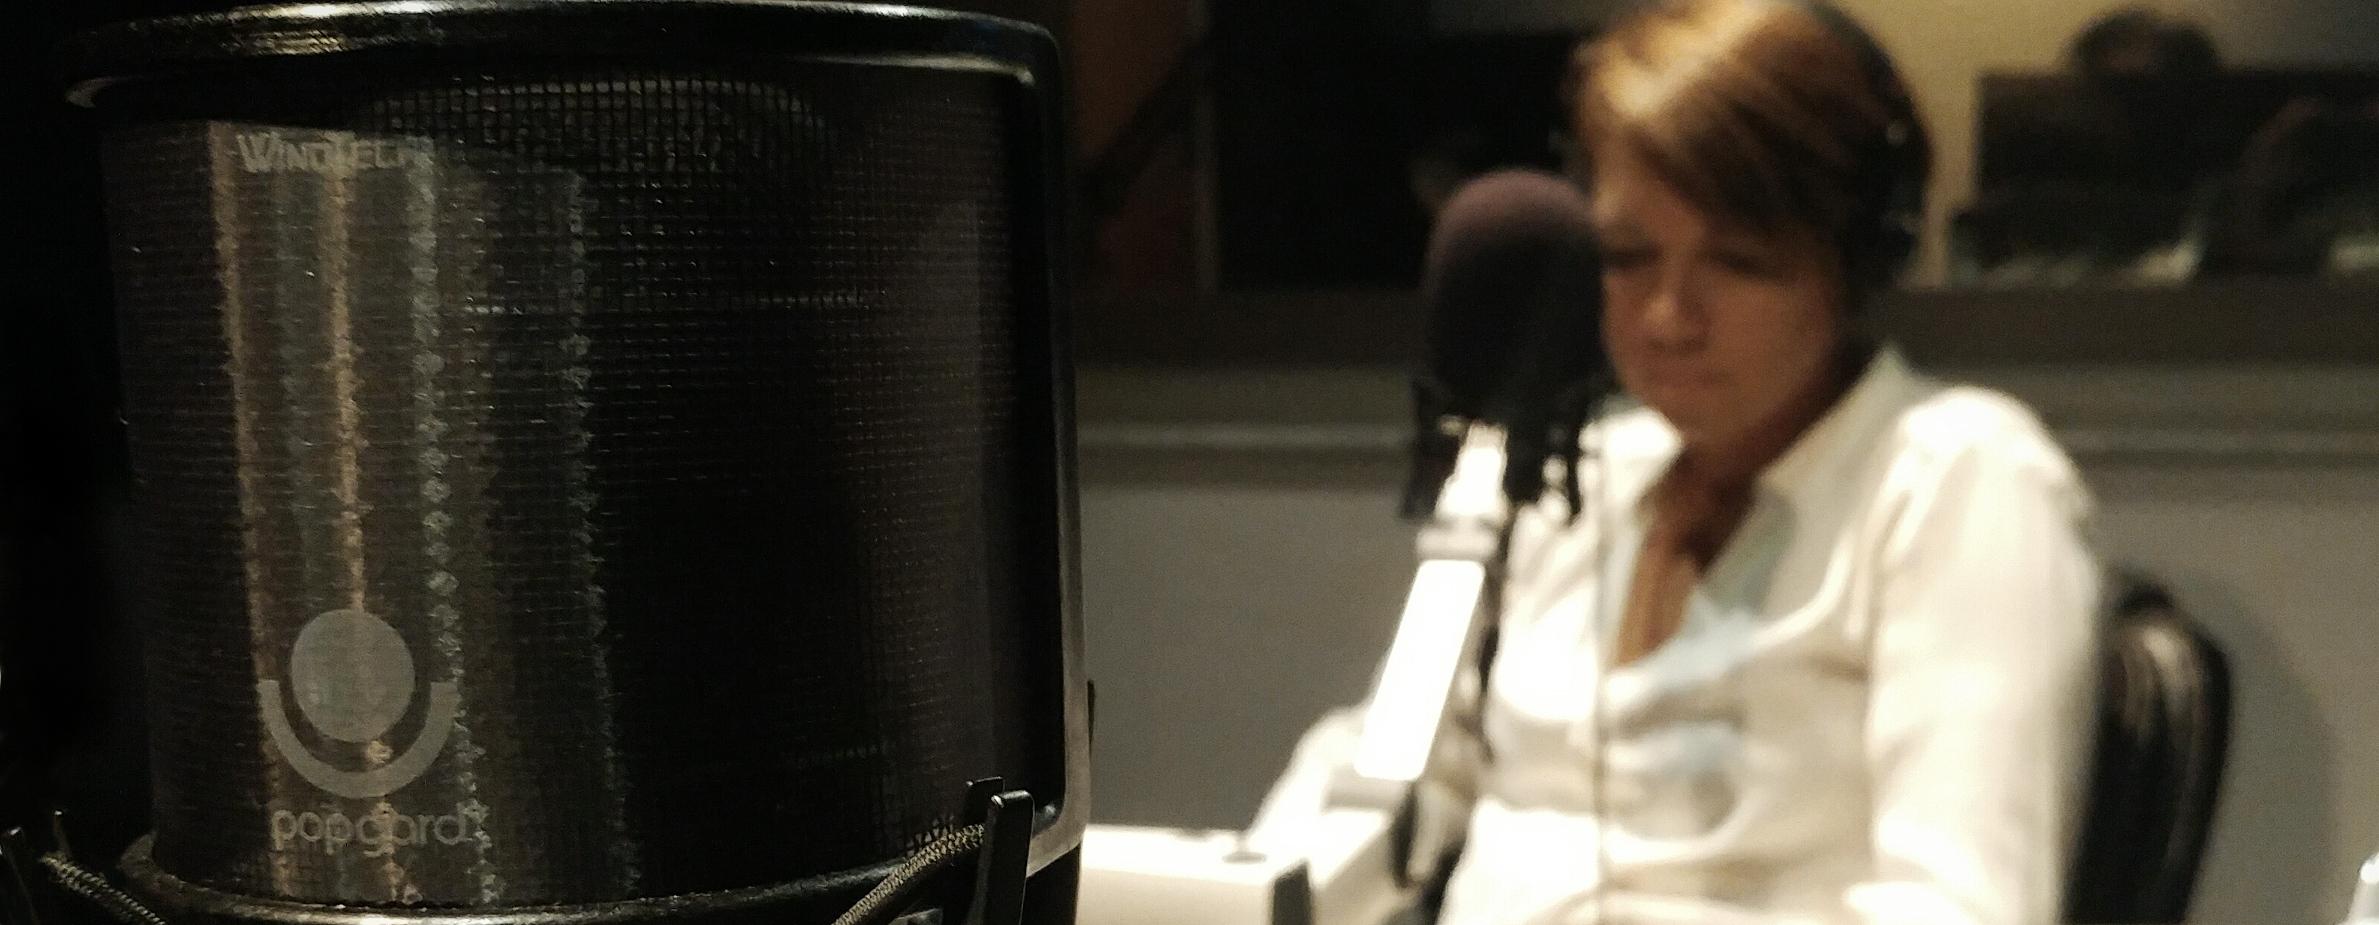 Episode 11 - Katie Haas